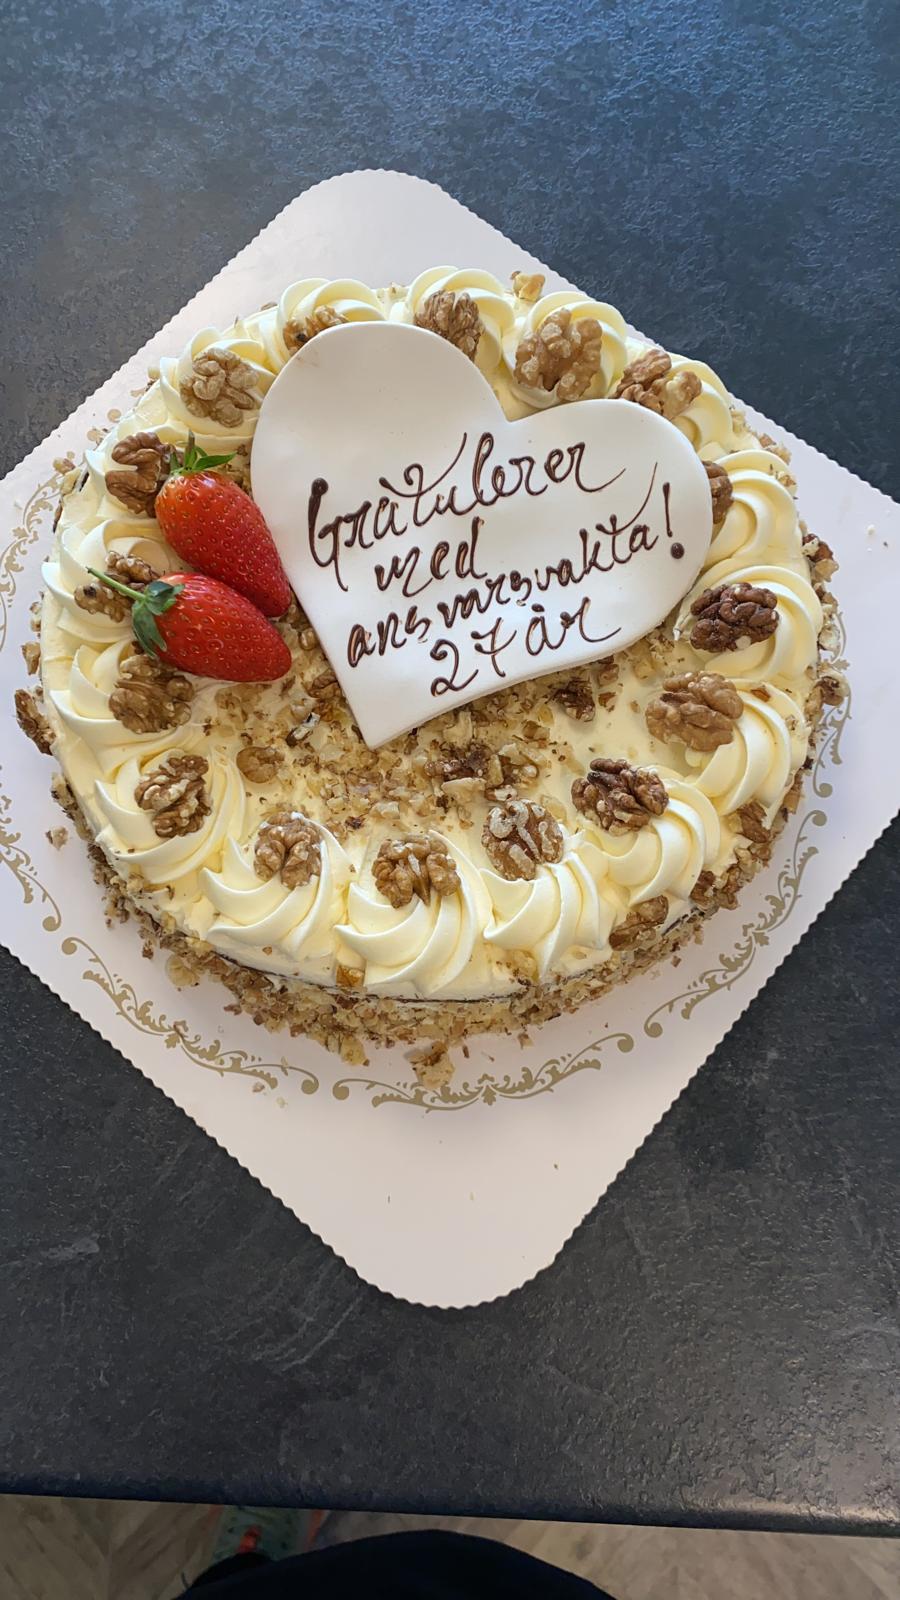 Tekst til kake